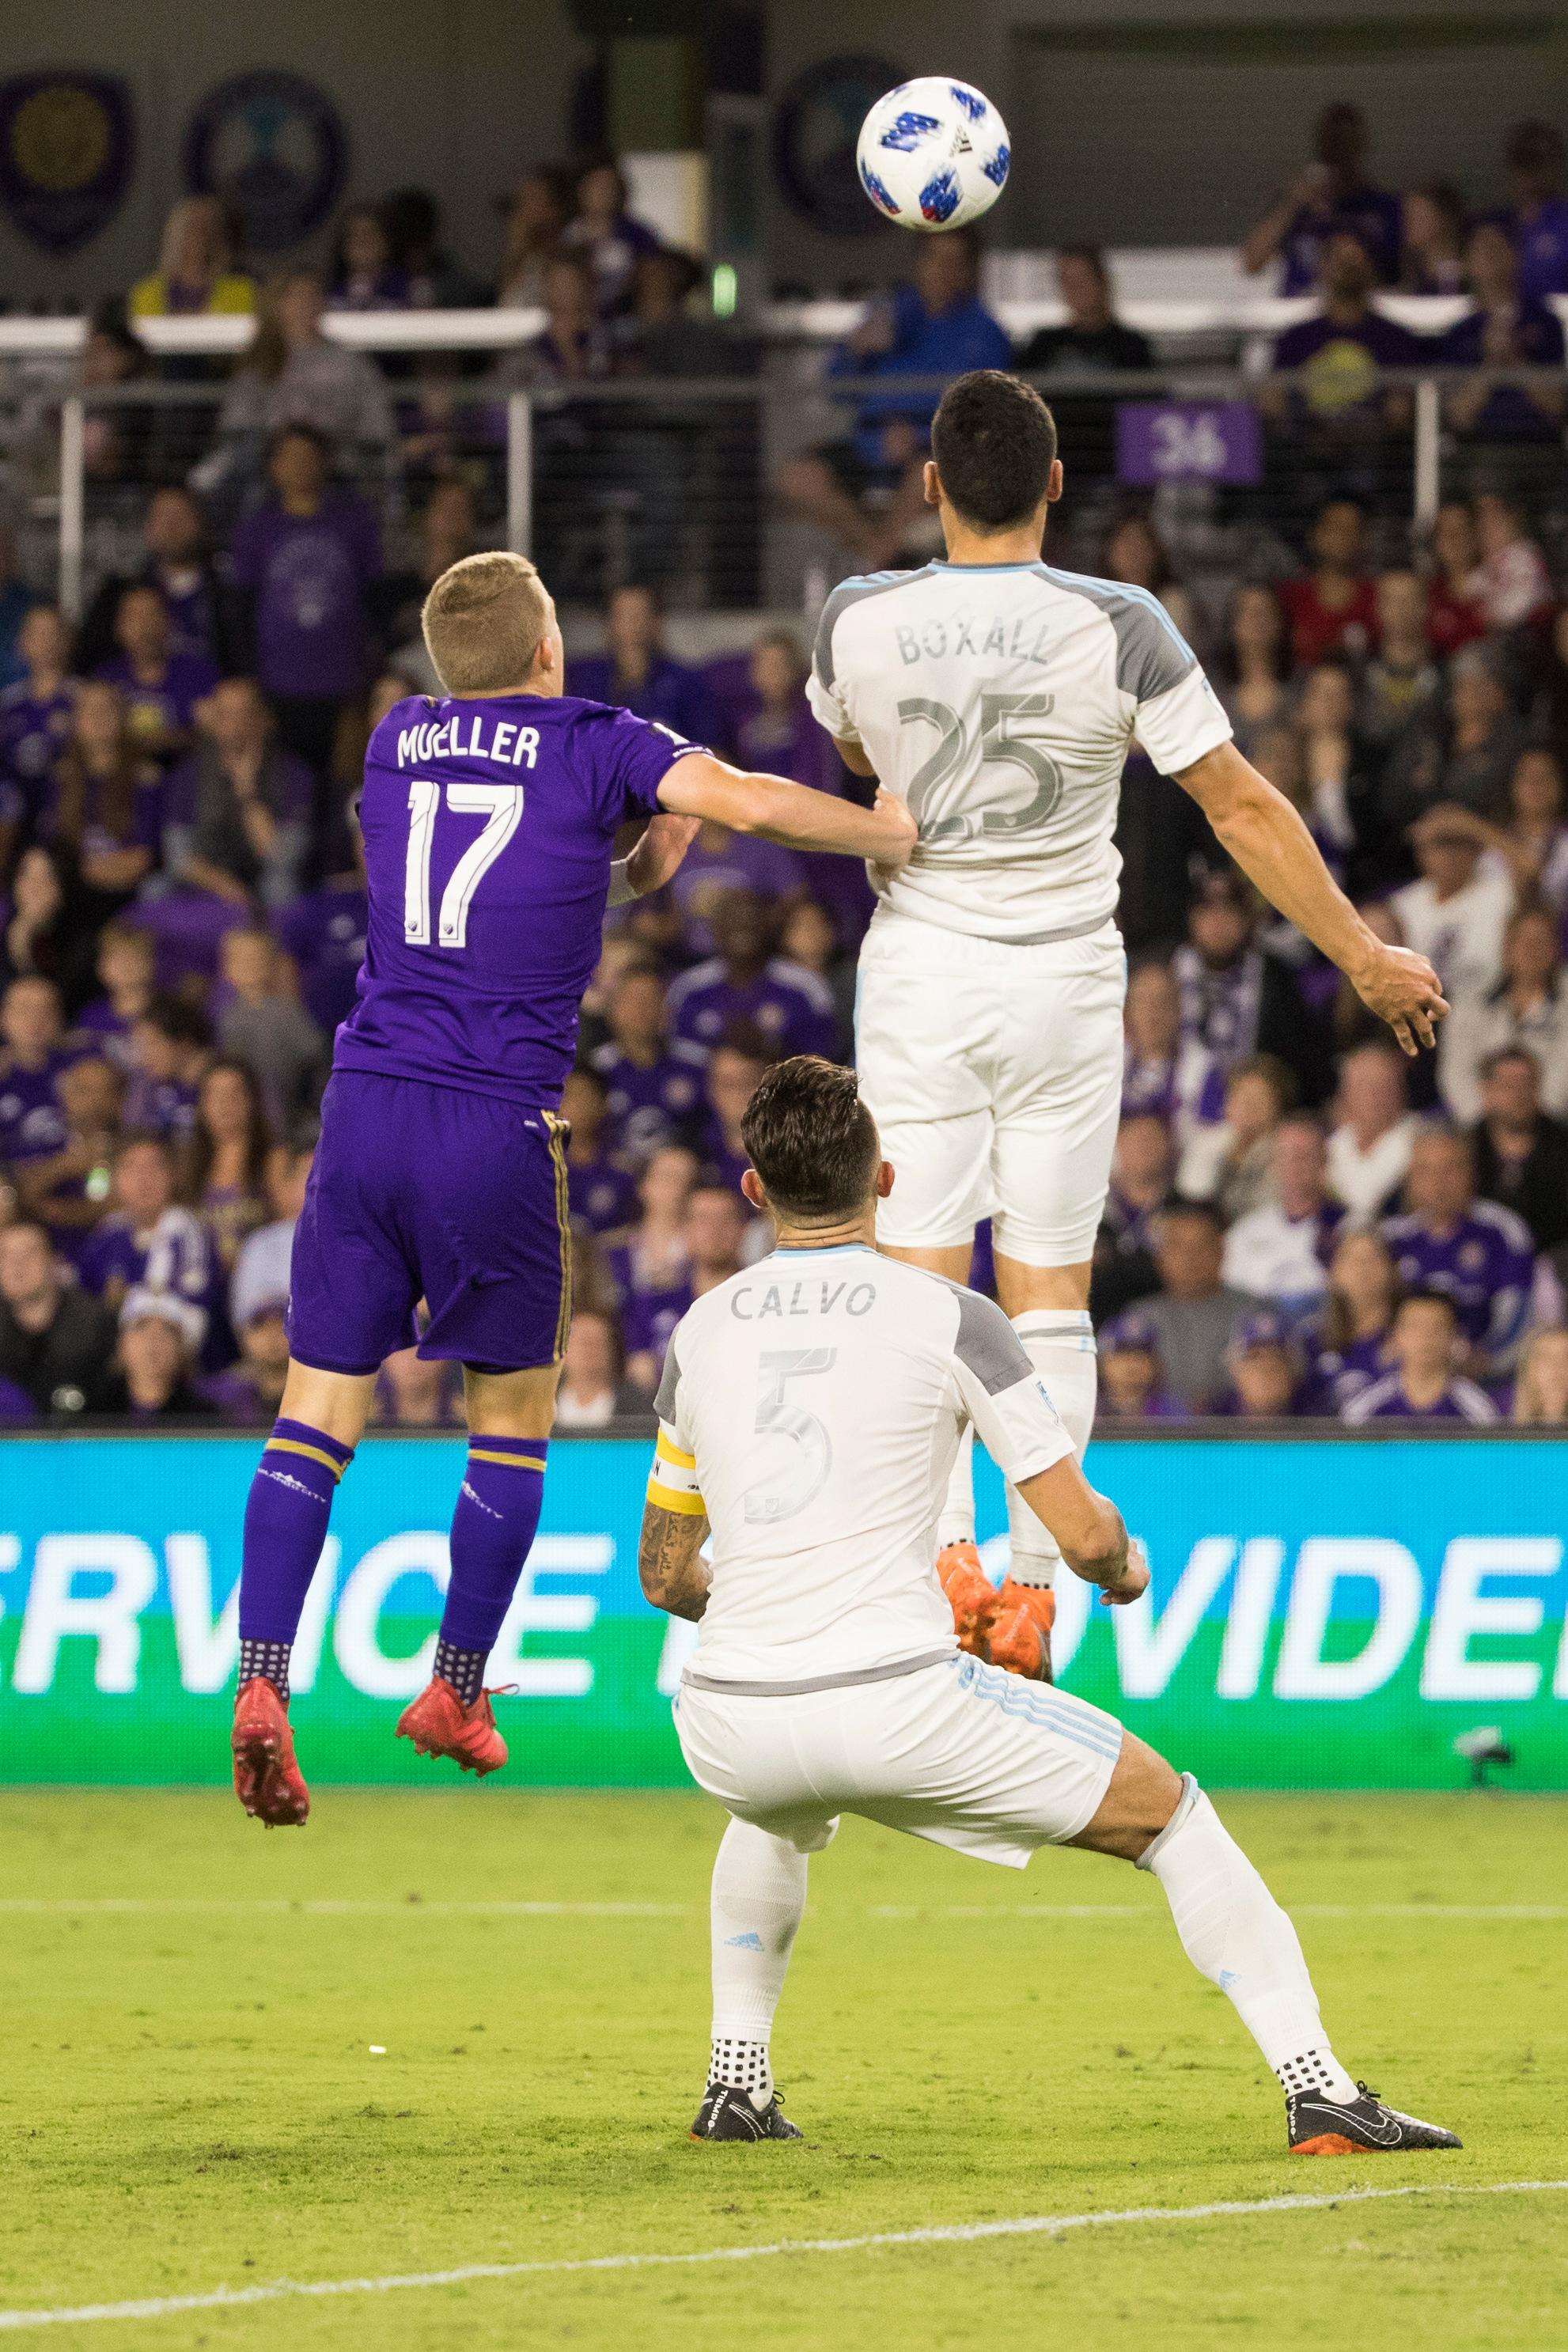 SOCCER: MAR 10 MLS - Minnesota United FC at Orlando City SC